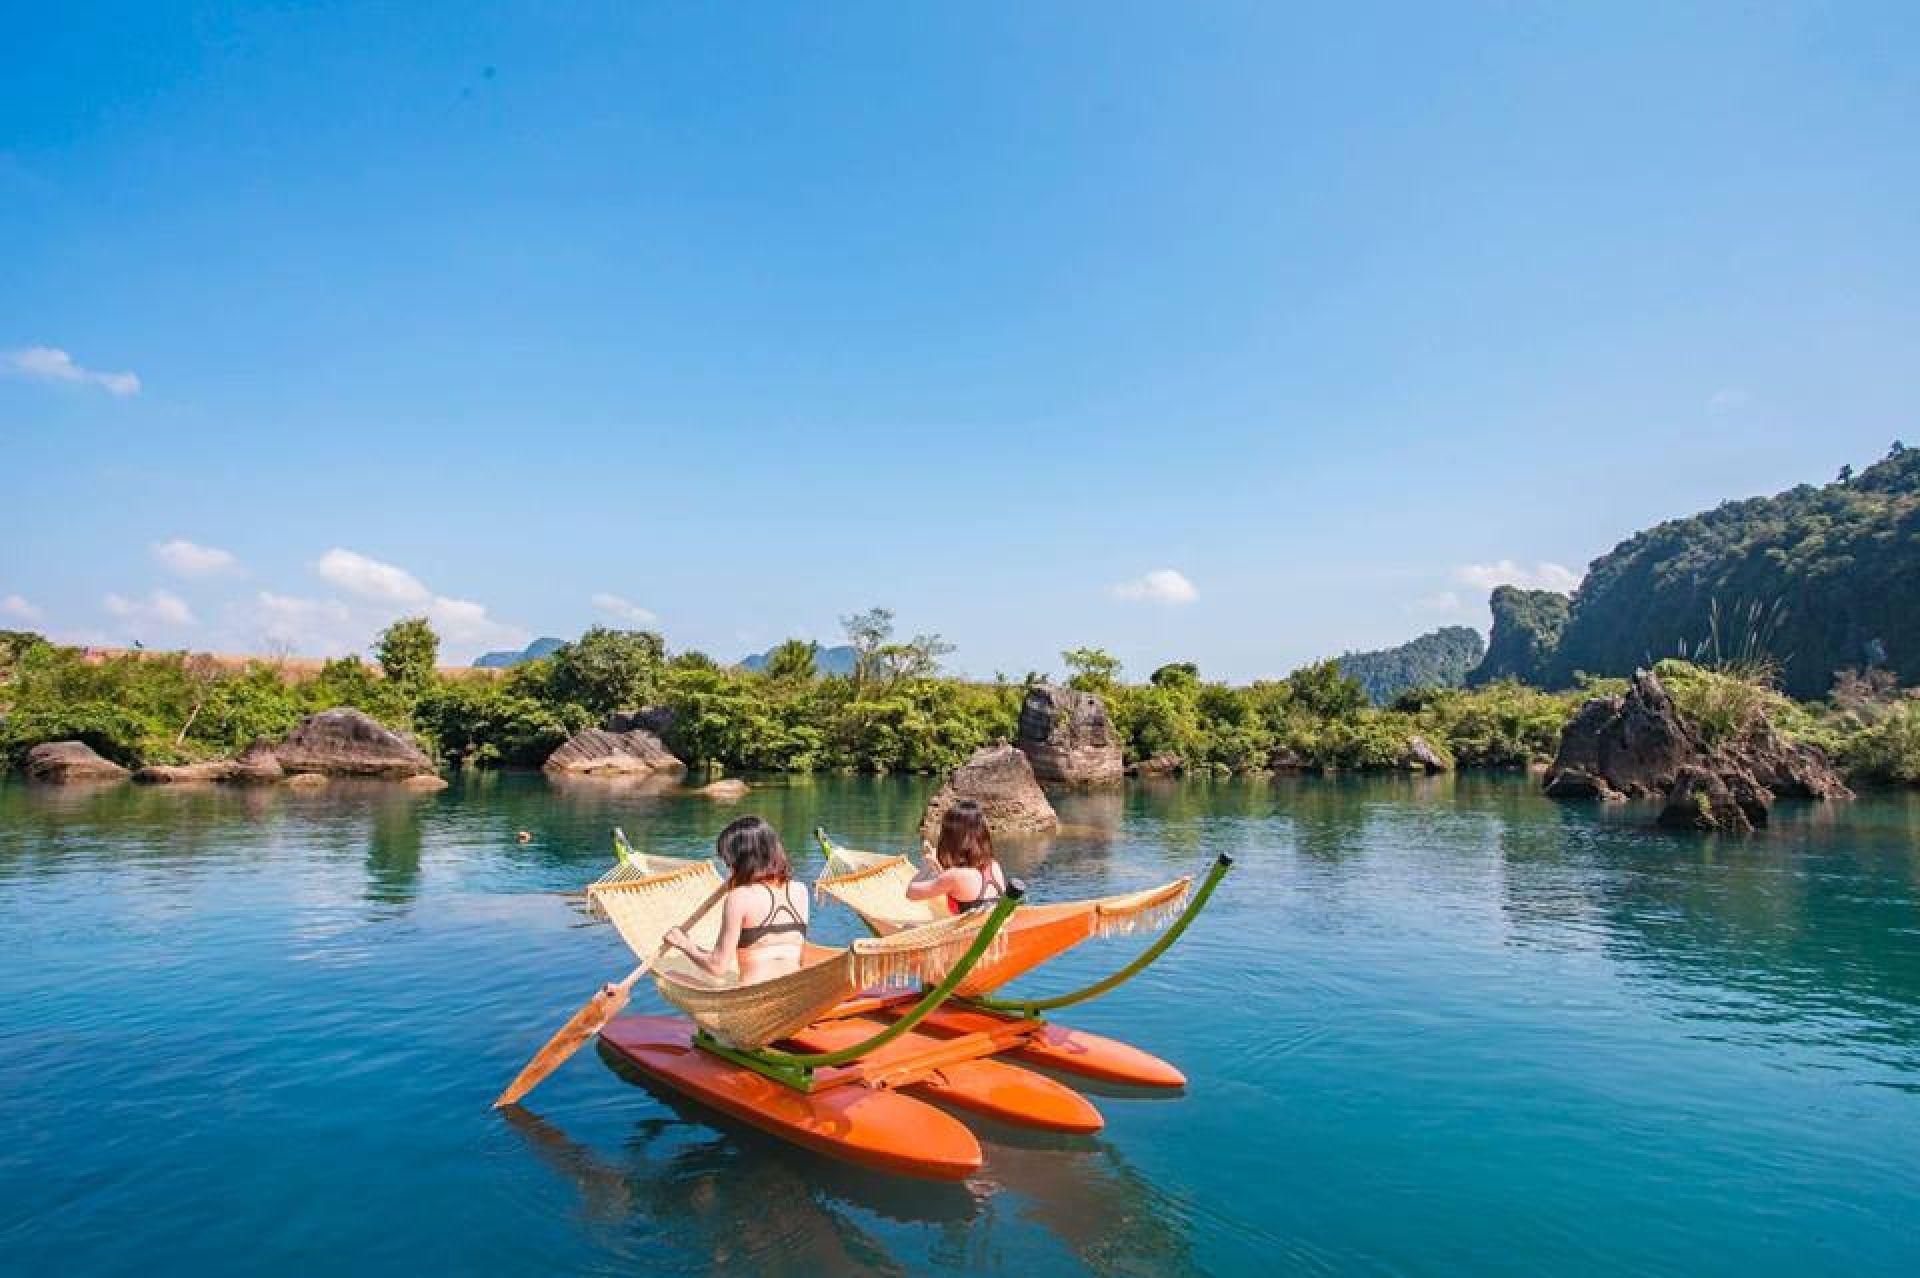 Khám phá rừng quốc gia Bạch Mã, trải nghiệm lái xe Jeep và lặn ngắm san hô Đảo Ngọc